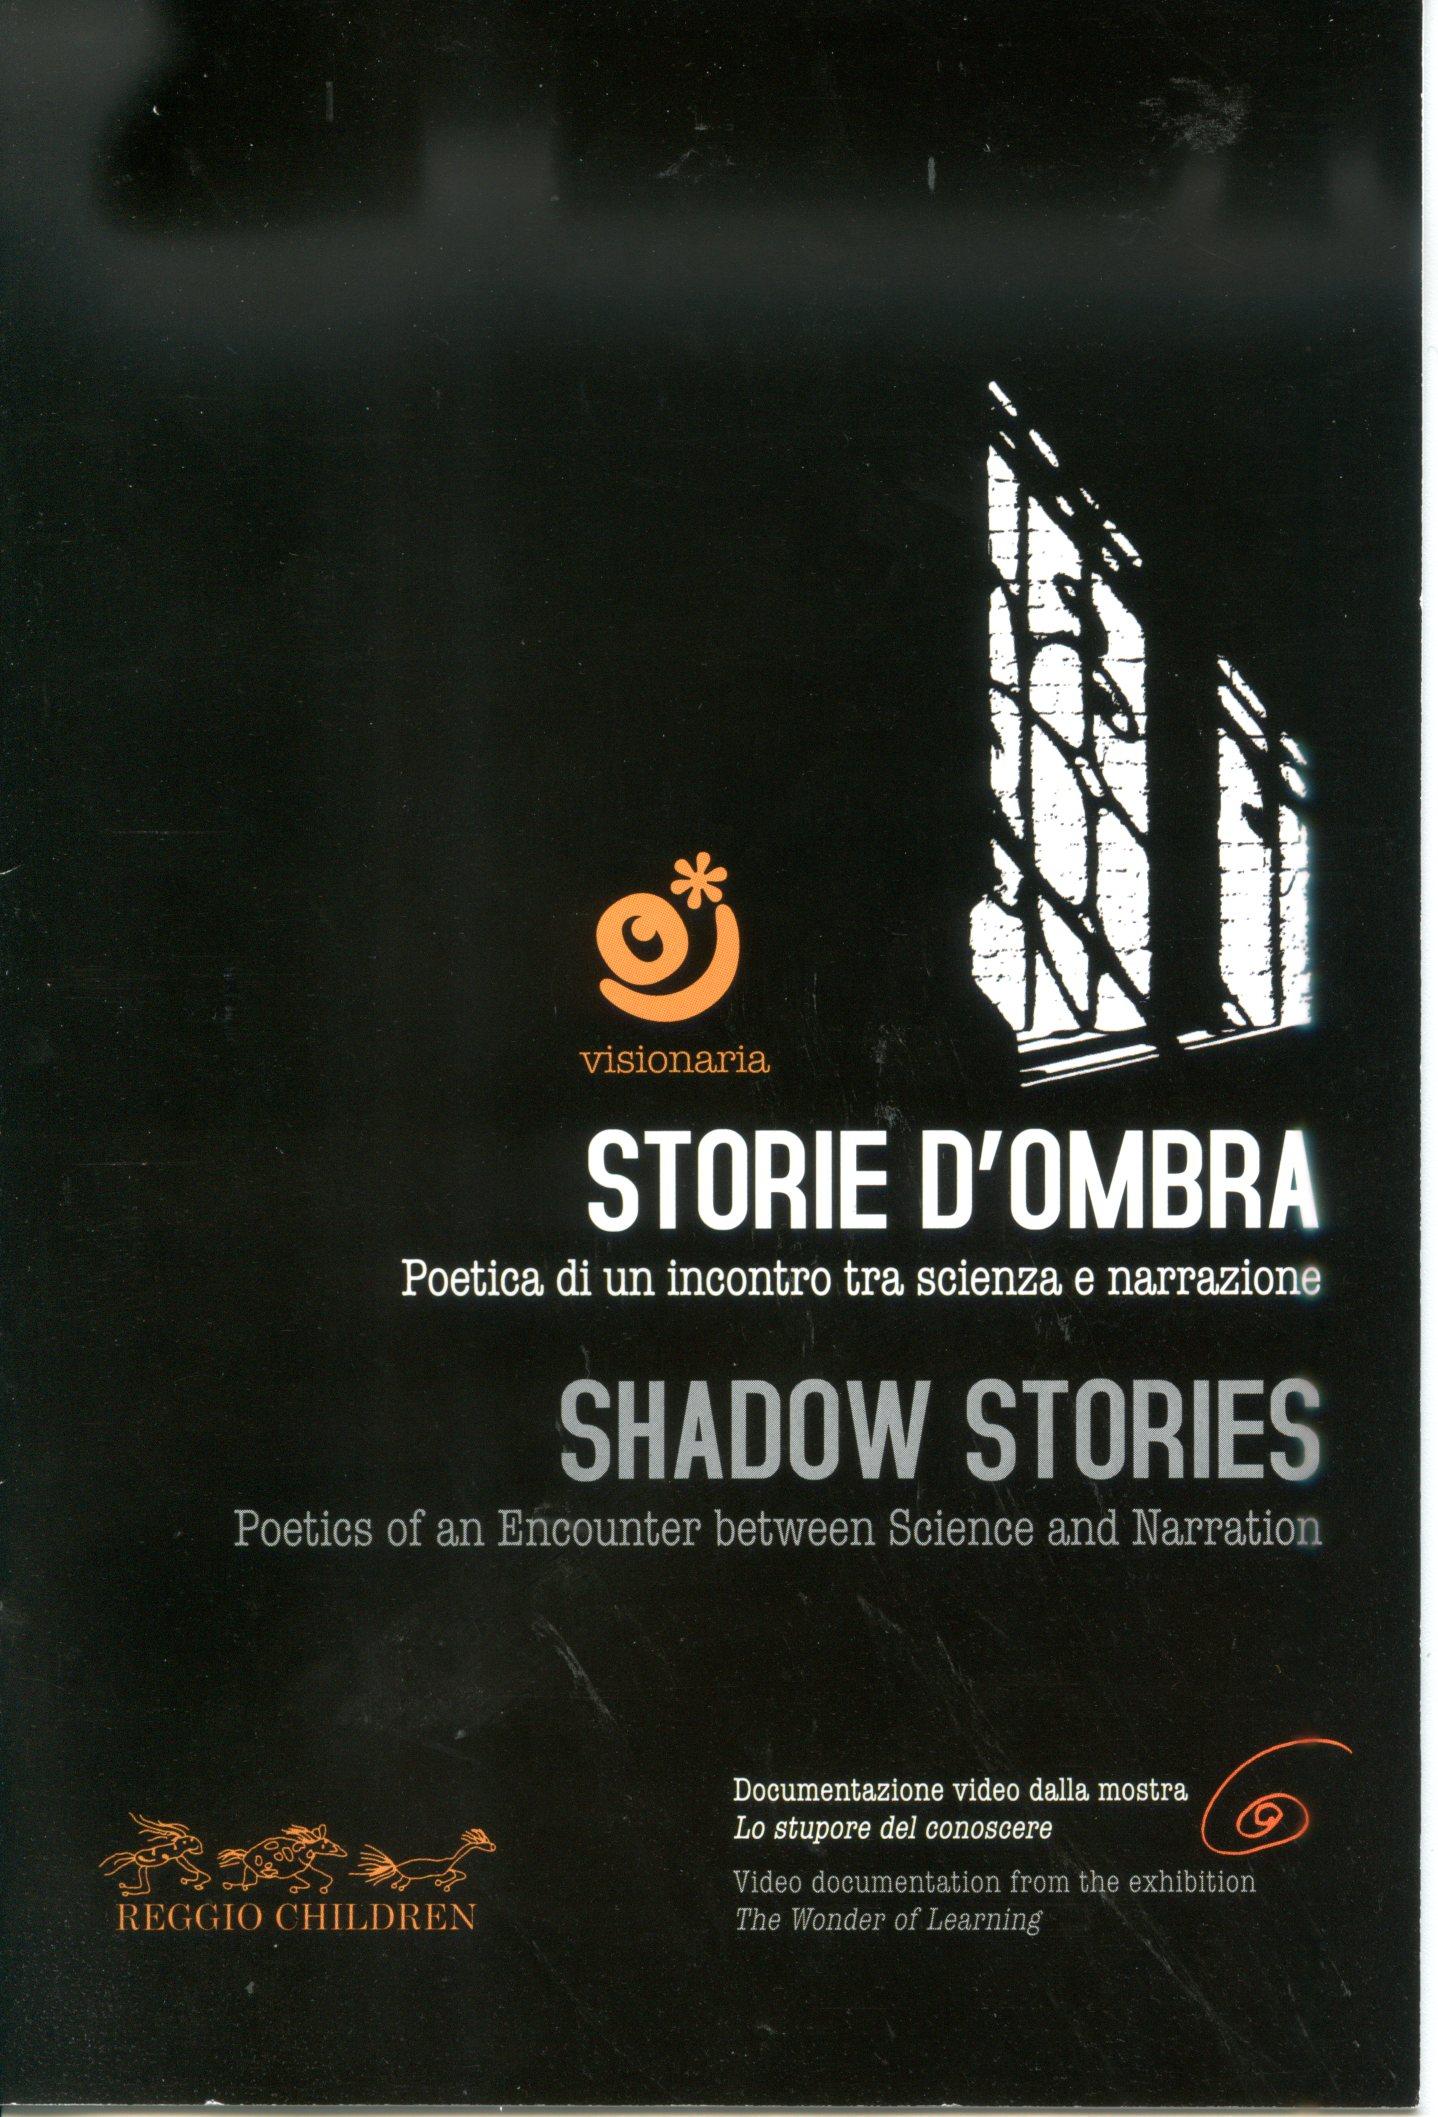 Storie d